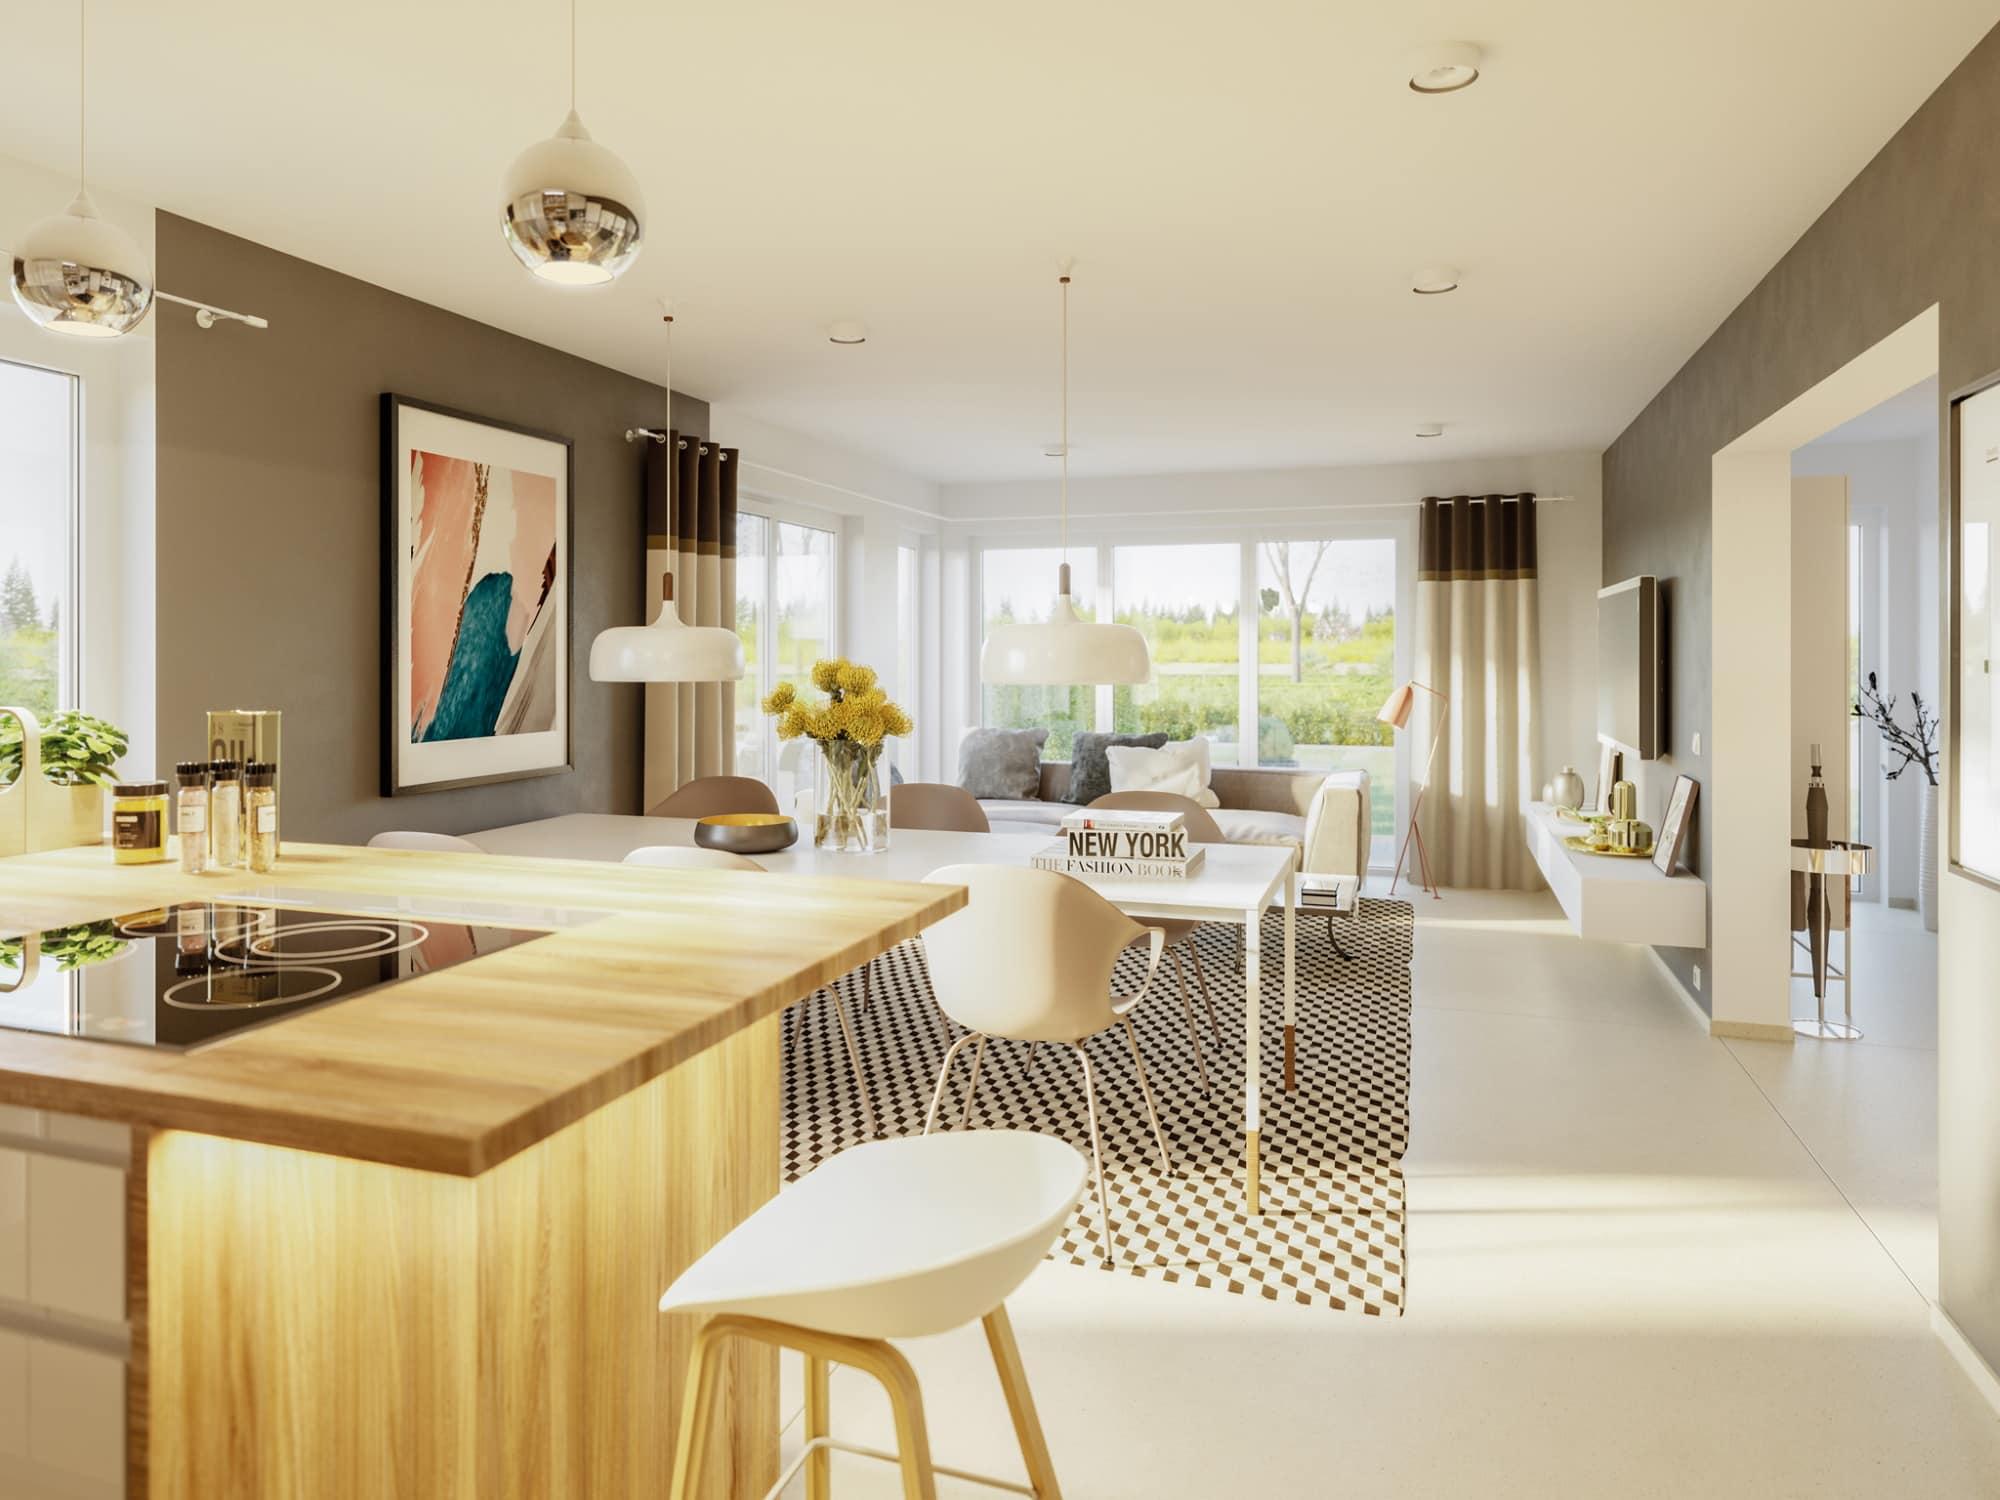 Offenes Wohn-Esszimmer - Ideen Inneneinrichtung Haus Design Bien Zenker Fertighaus EDITION 125 V2 - HausbauDirekt.de